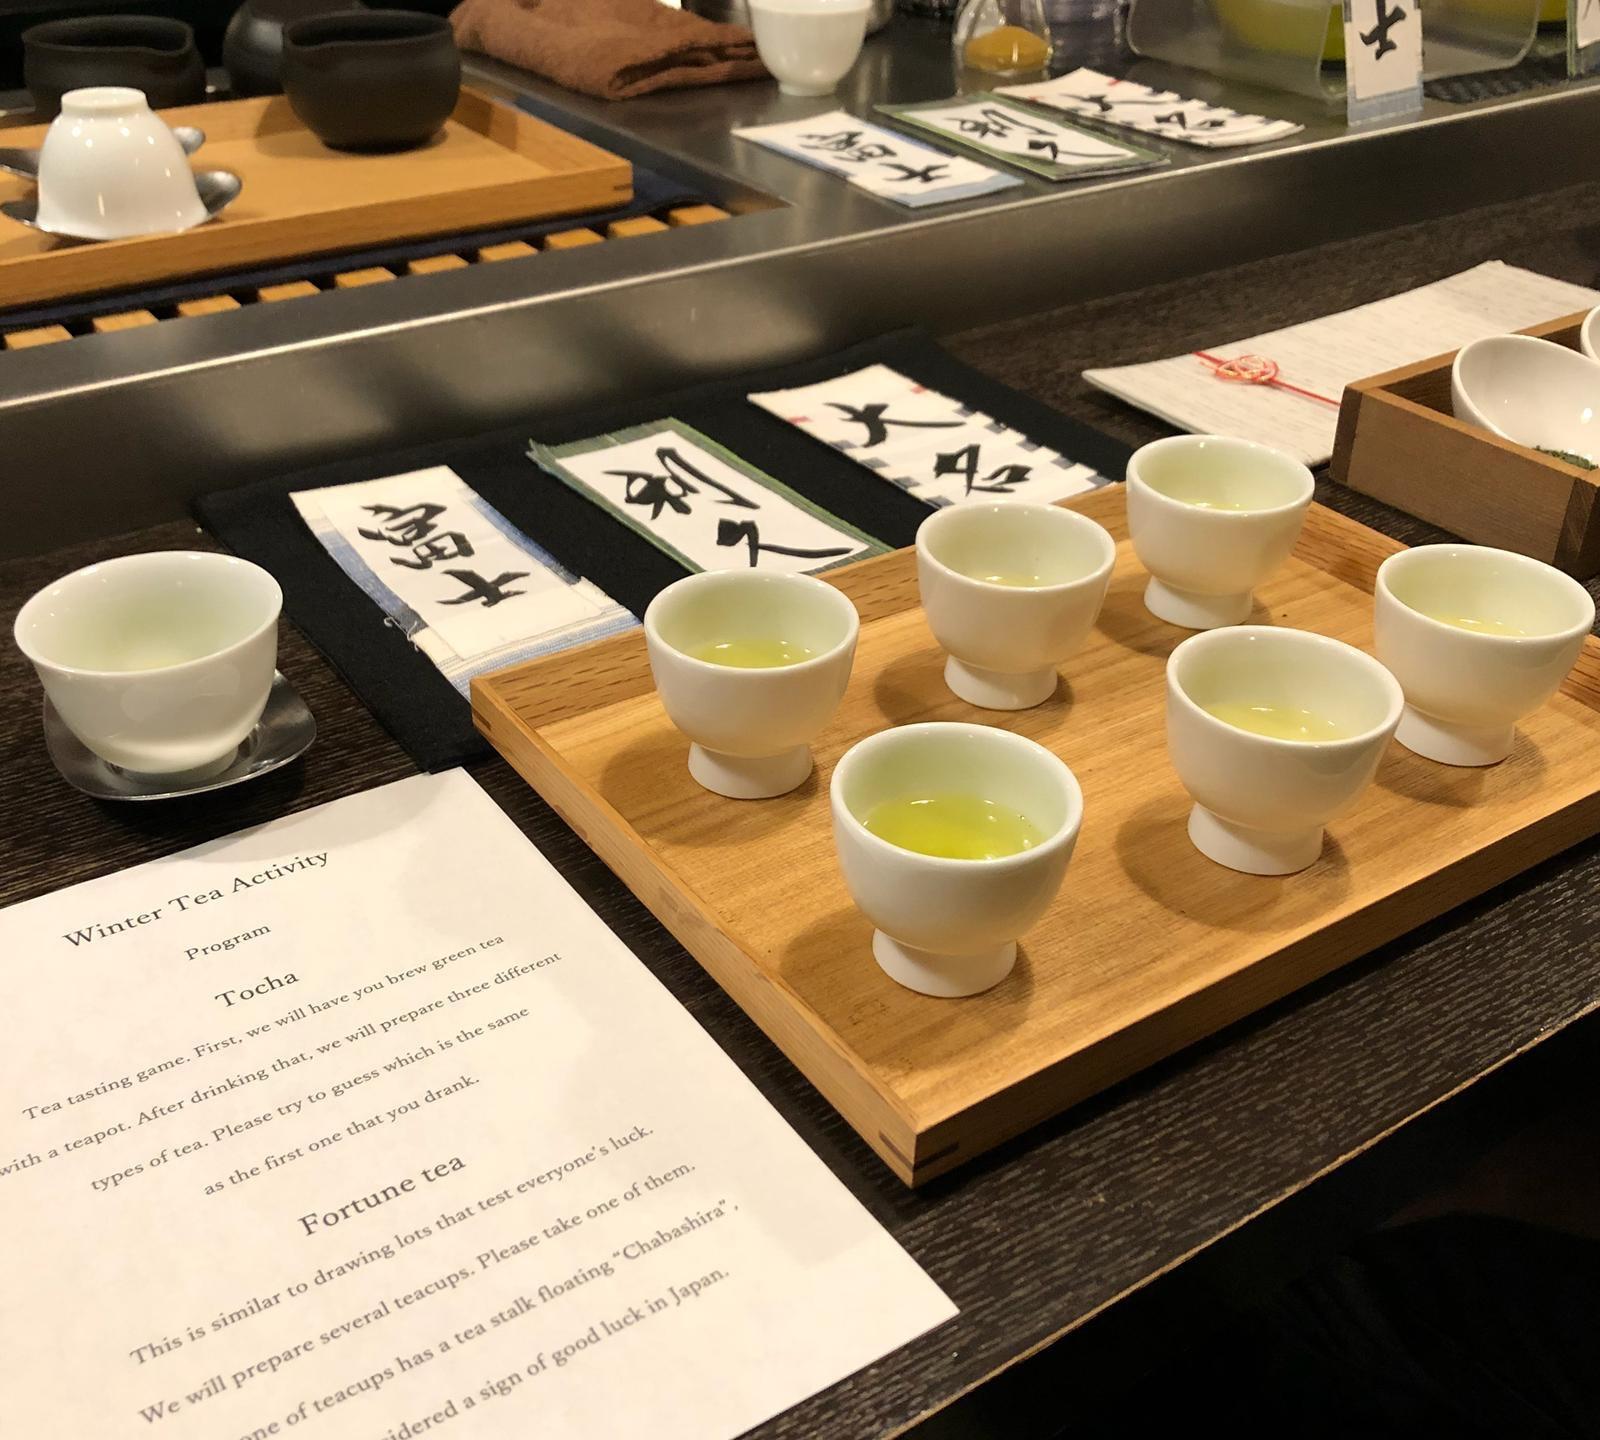 Tea tasting class